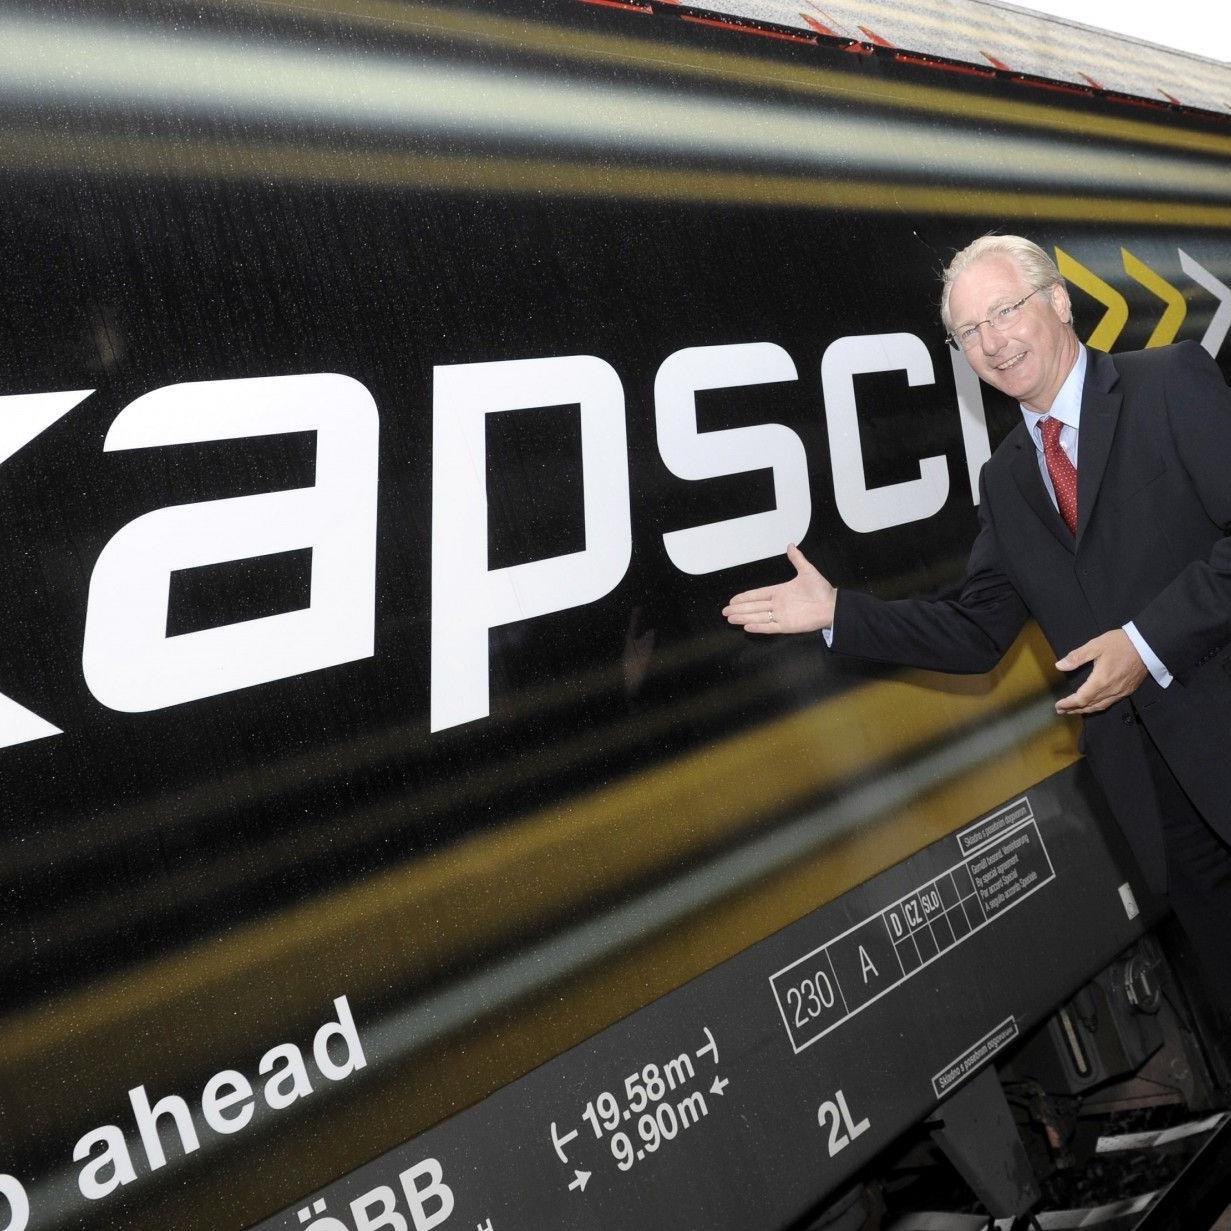 """Nach Projekten wie der Lieferung von Systemen für die Bahnkommunikation will die Kapsch-Gruppe nun ins Geschäft mit """"intelligenten Stromnetzen"""" einsteigen."""